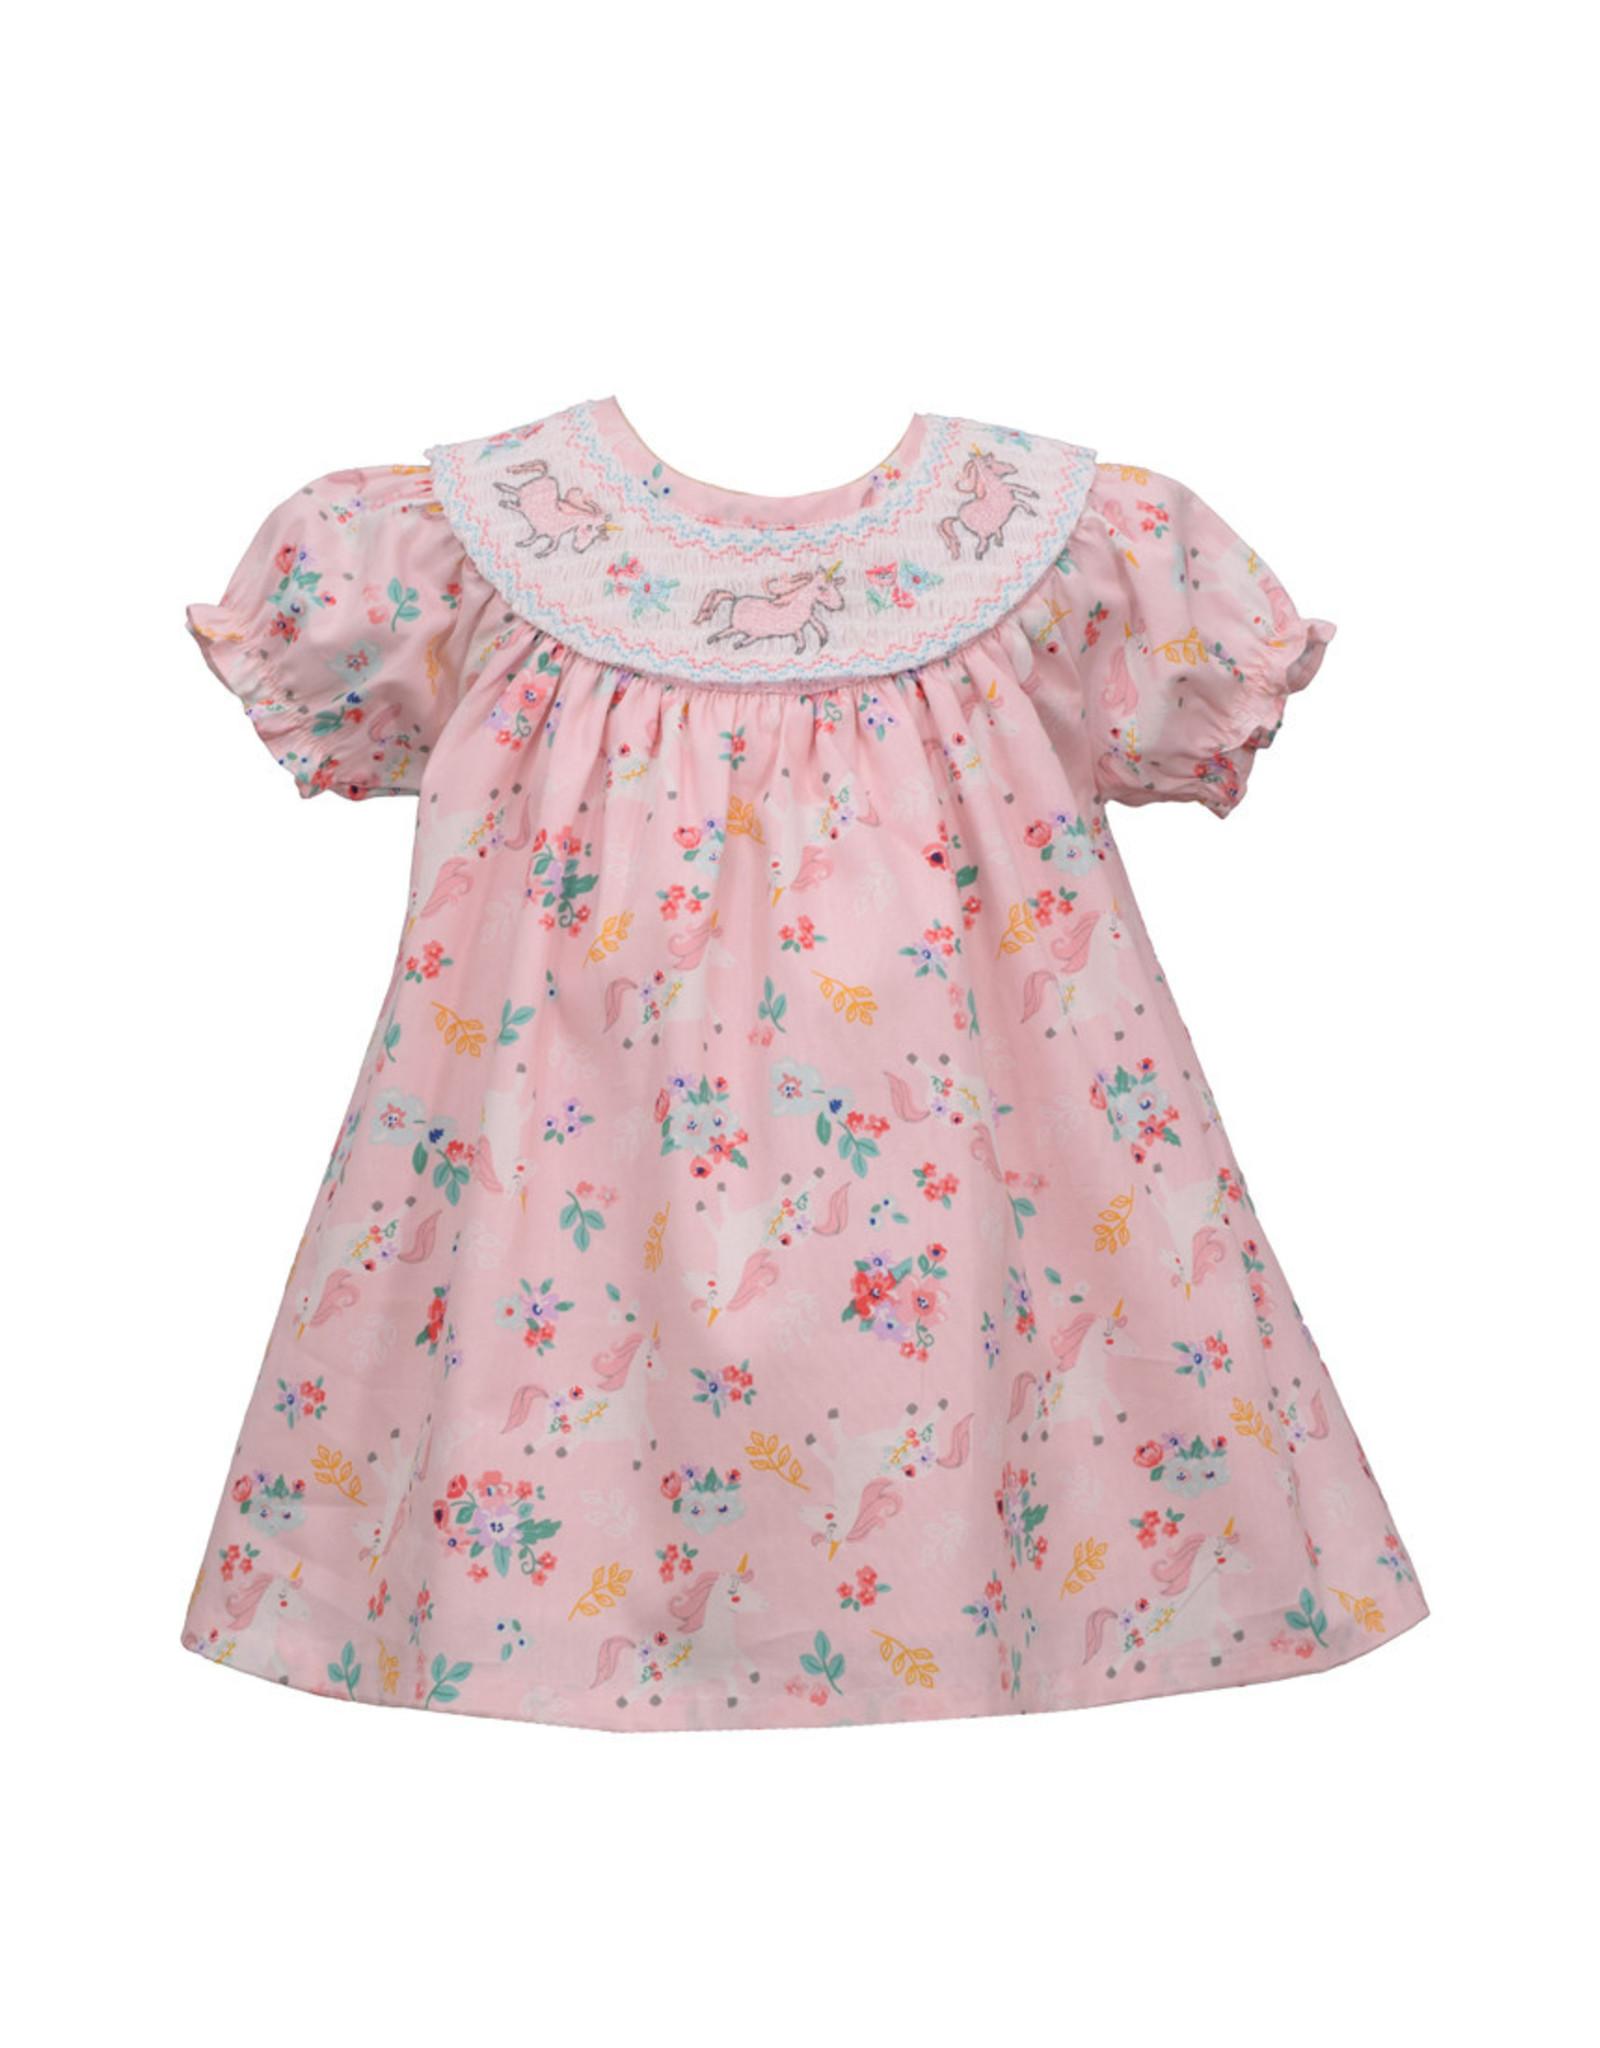 Bonnie  Jean Bonnie Baby- Unicorn Print Smocking Dress